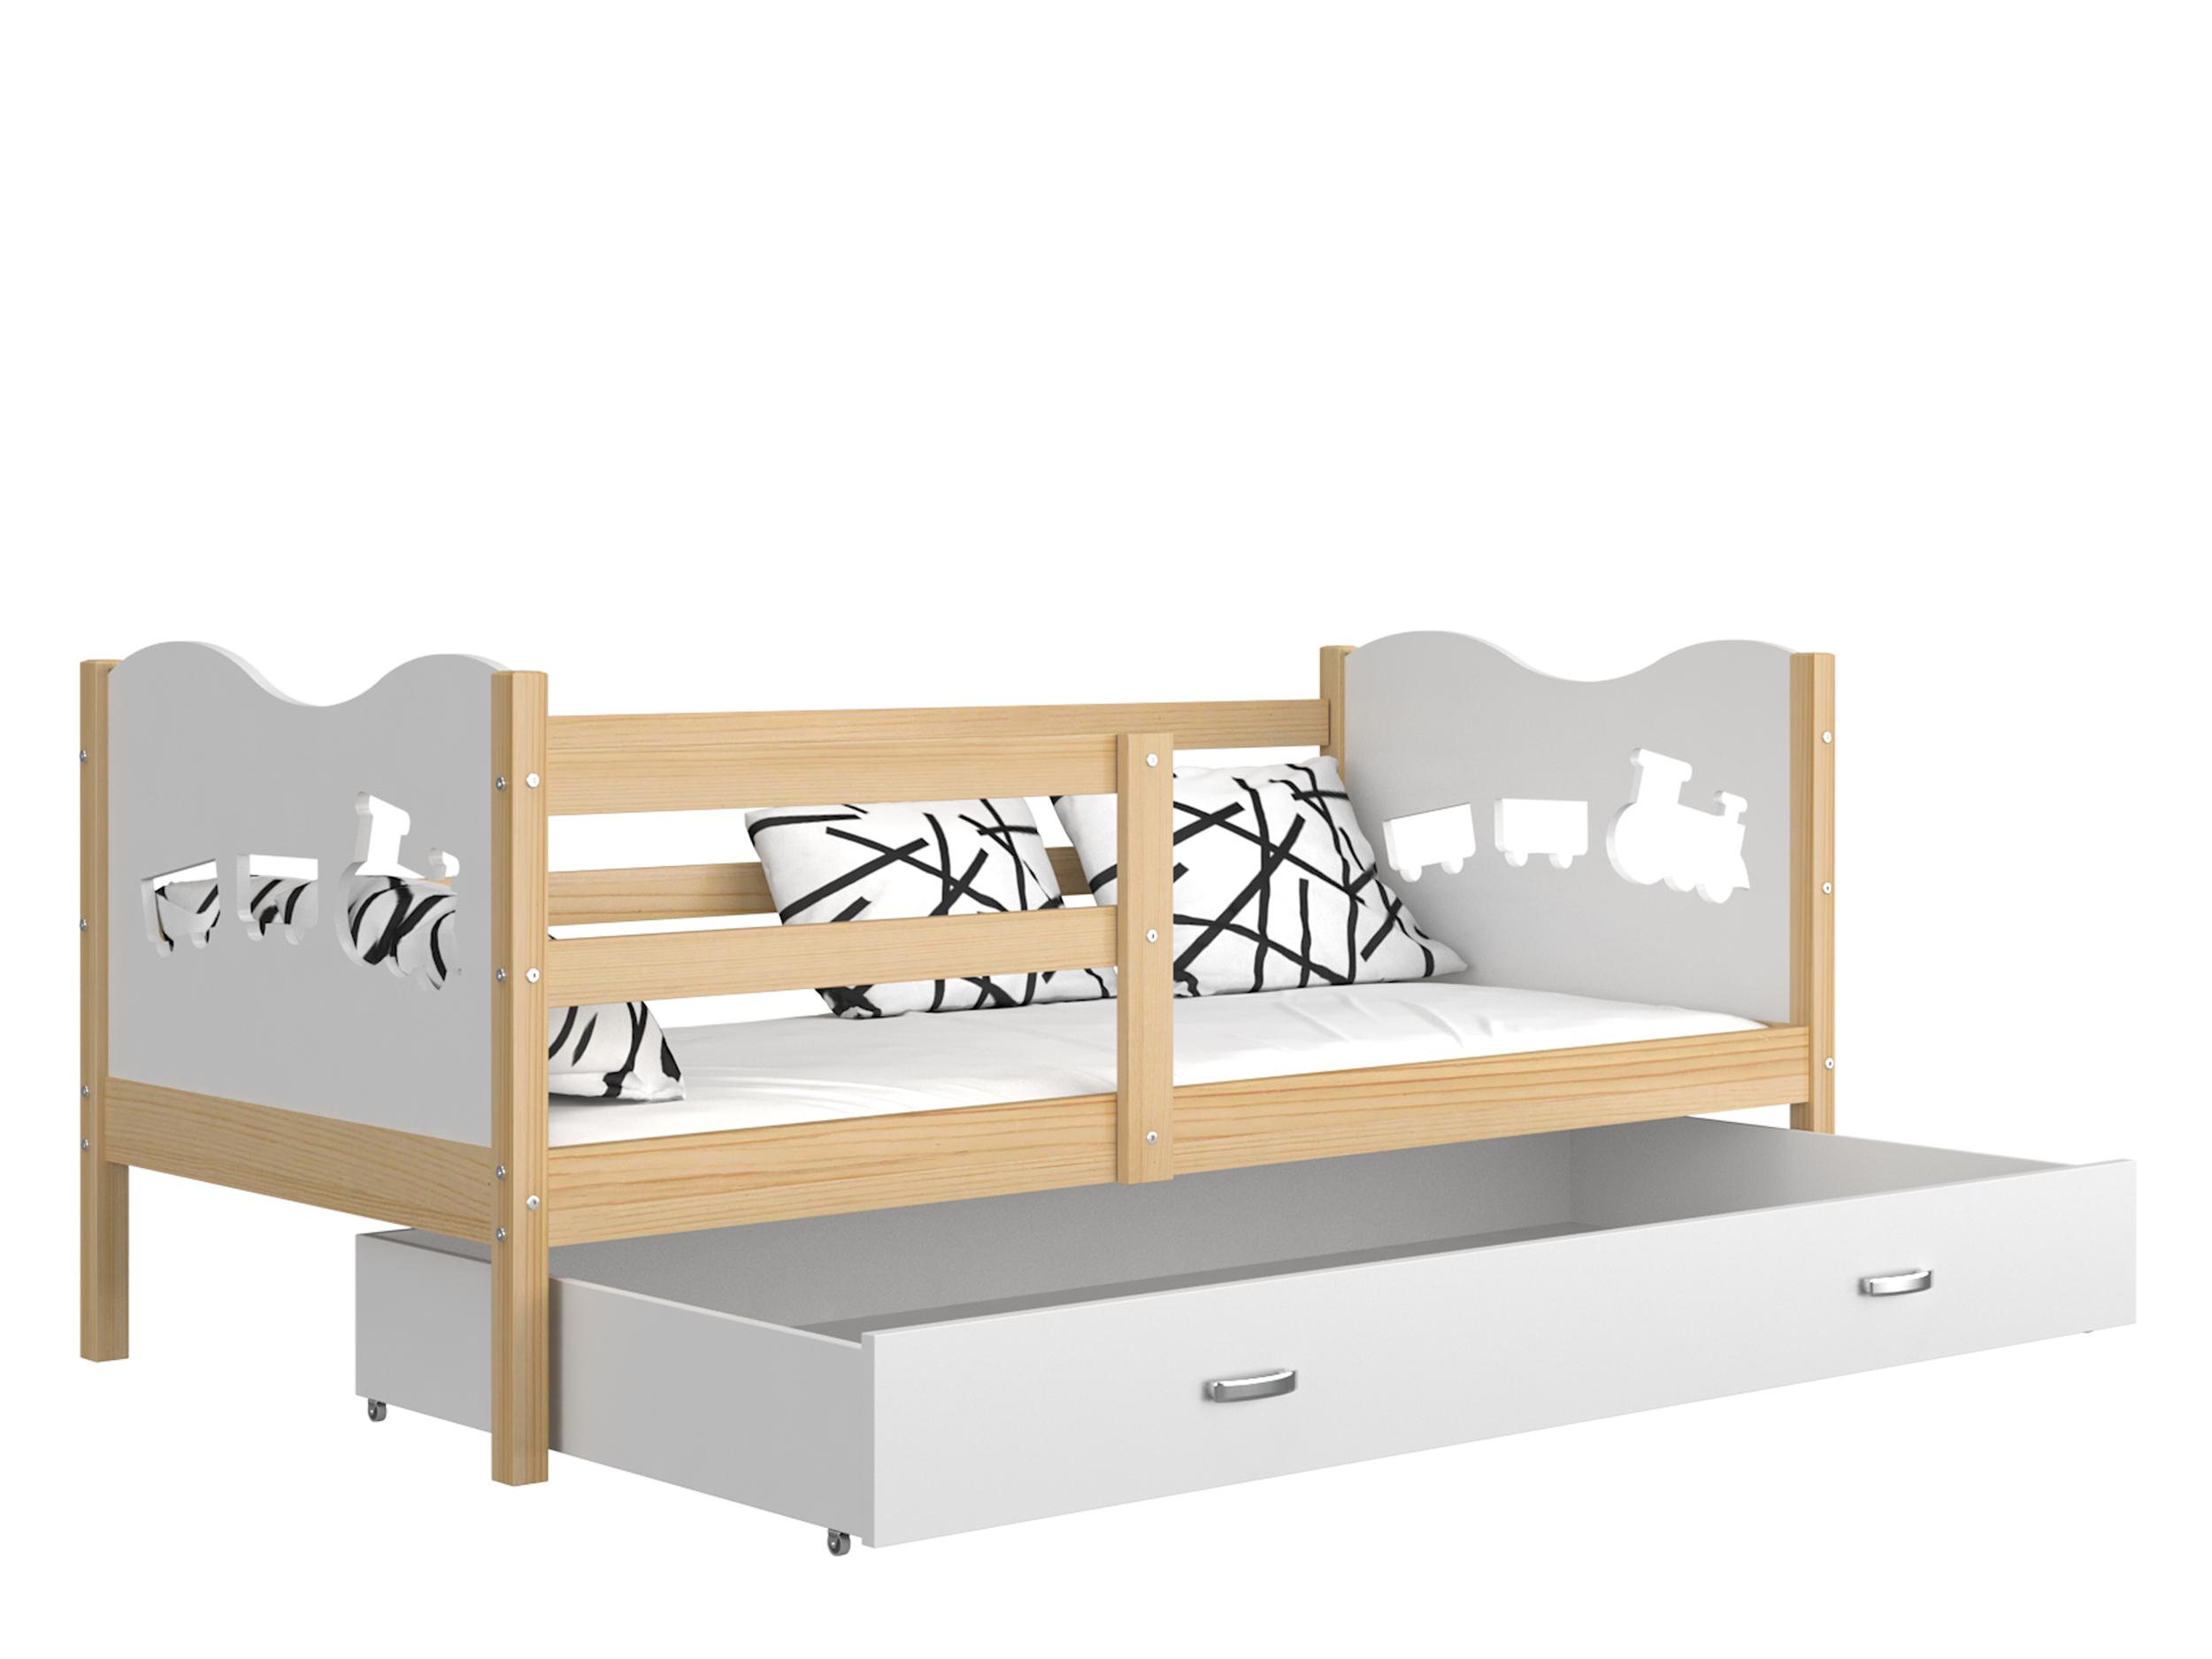 ArtAJ Detská posteľ MAX P drevo / MDF 200 x 90 cm Farba: Borovica / biela 200 x 90 cm, s matracom